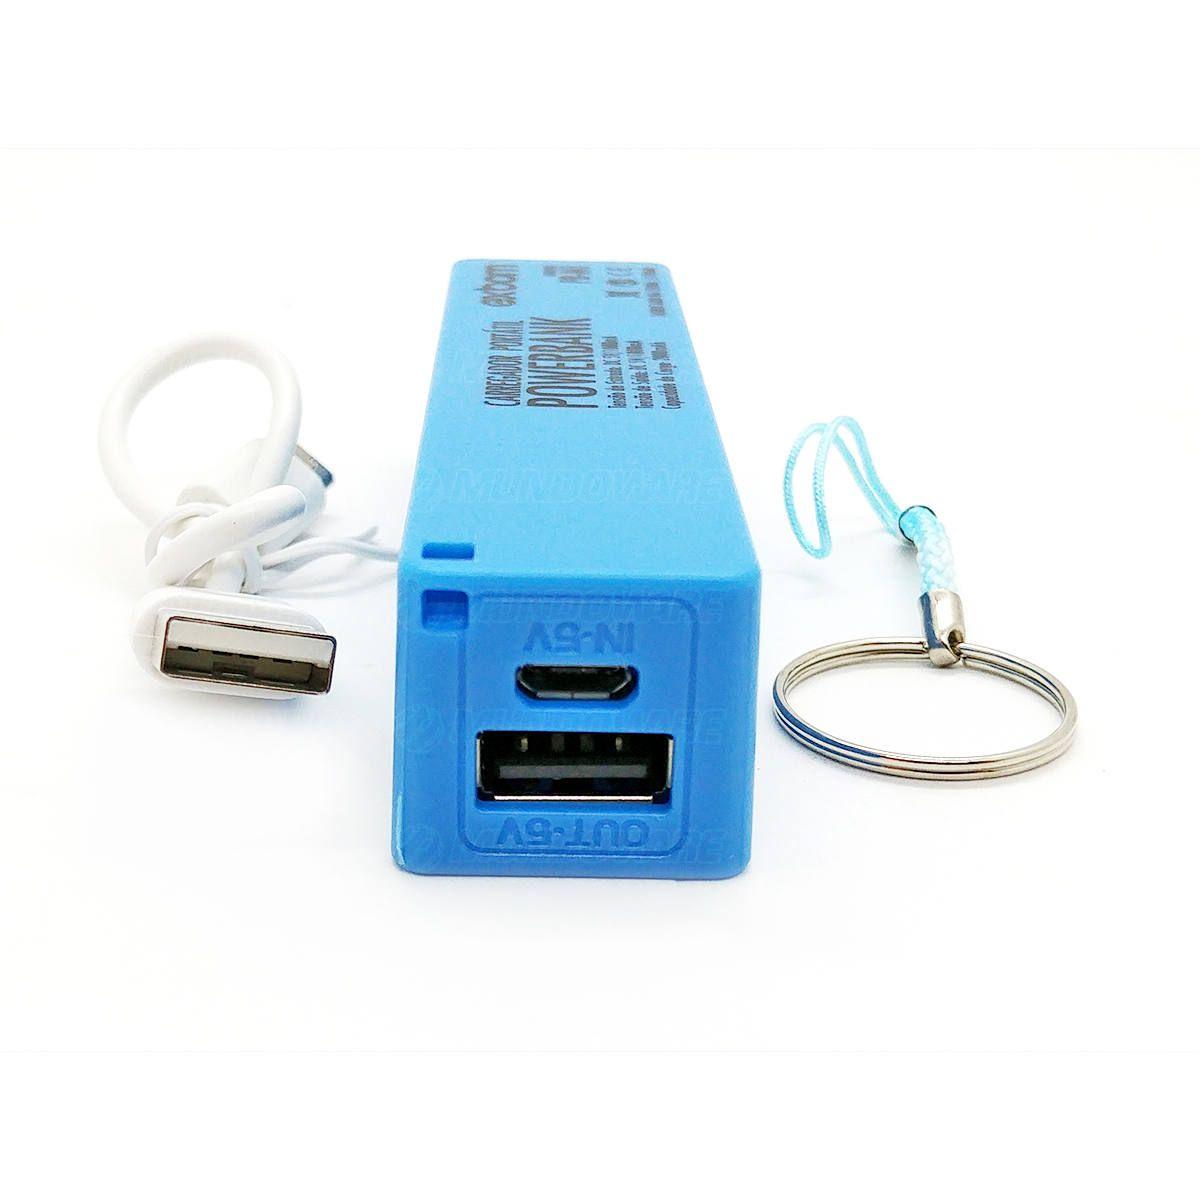 Power Bank Bateria 2000mAh Carregador Portátil Pequeno de Bolso para Celular Exbom PB-M1 Azul